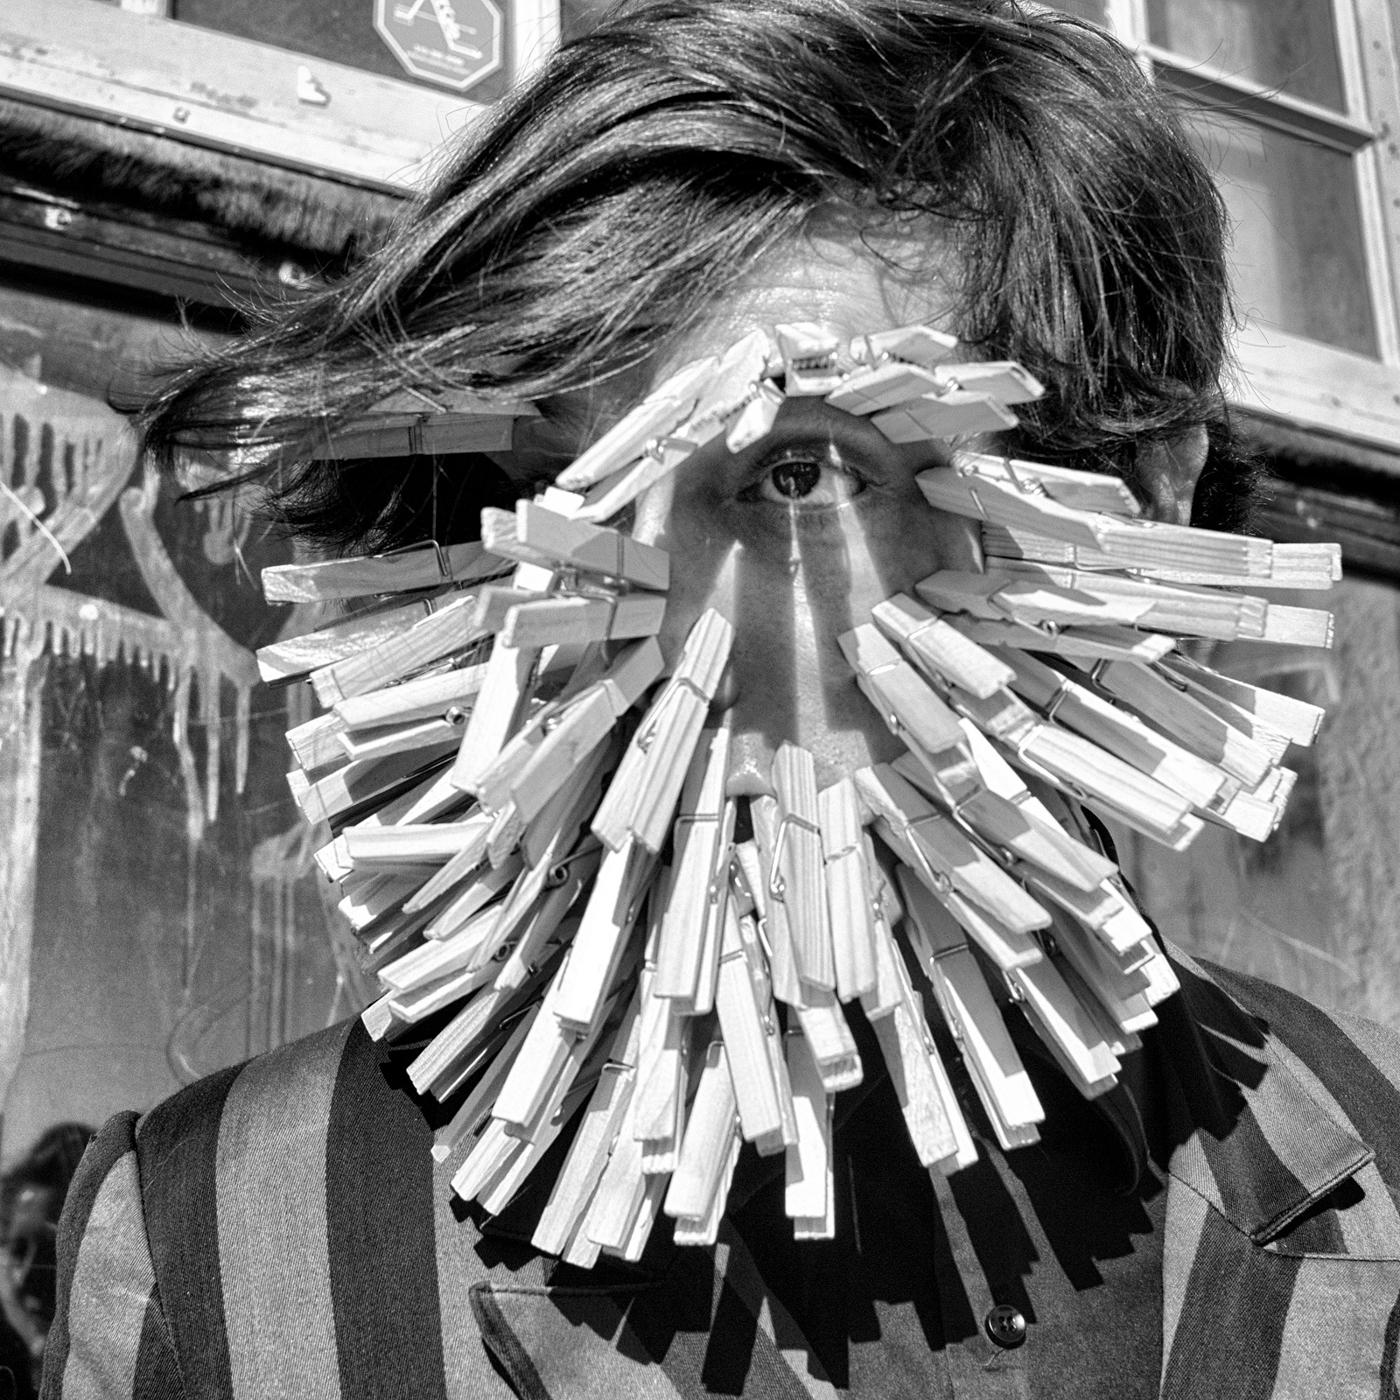 Clothespins © Dotan Saguy